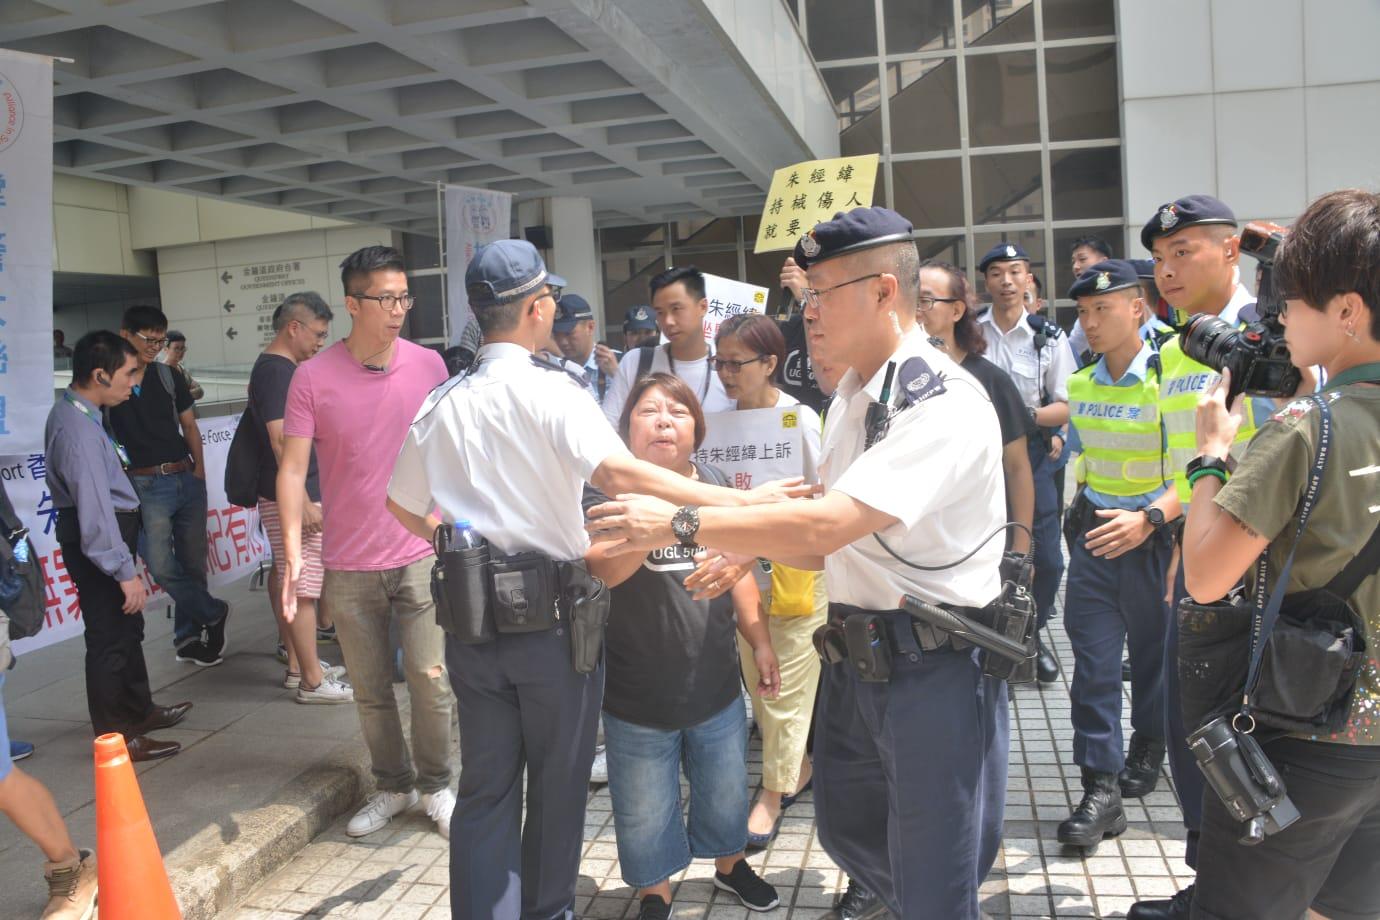 朱經緯上訴案件下午裁決,大批公眾人士到場。